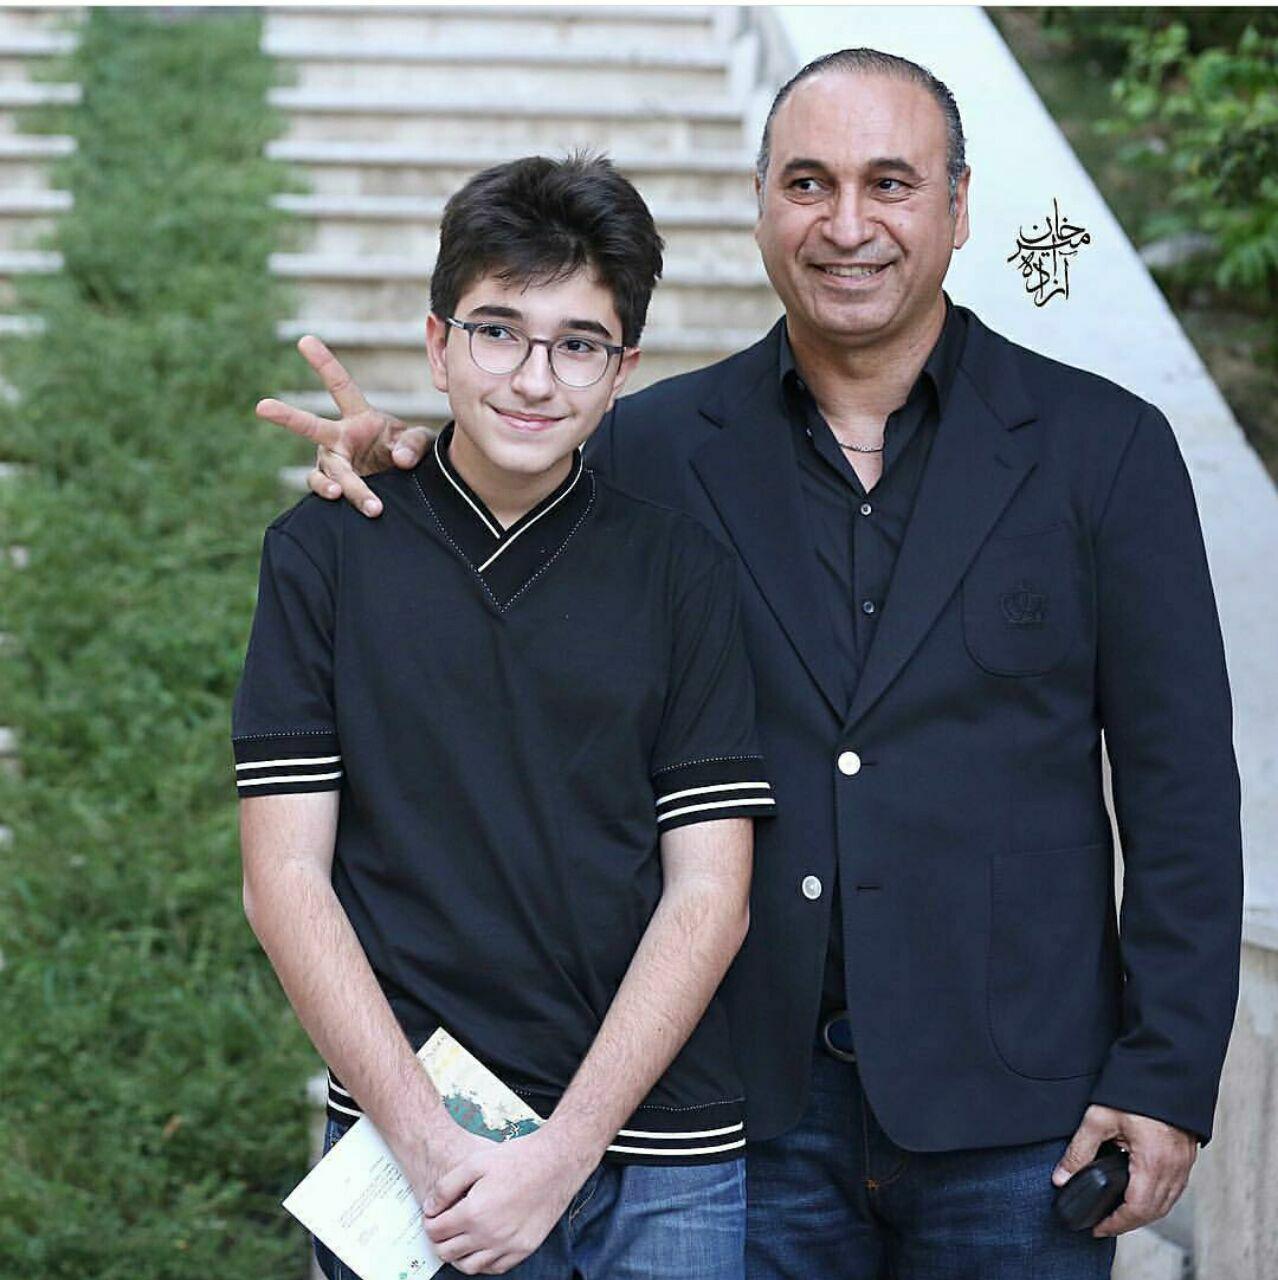 فرخنژاد: میخواهم 80 میلیون ایرانی نباشد، اگر خم به چشم بچهام بیاید!